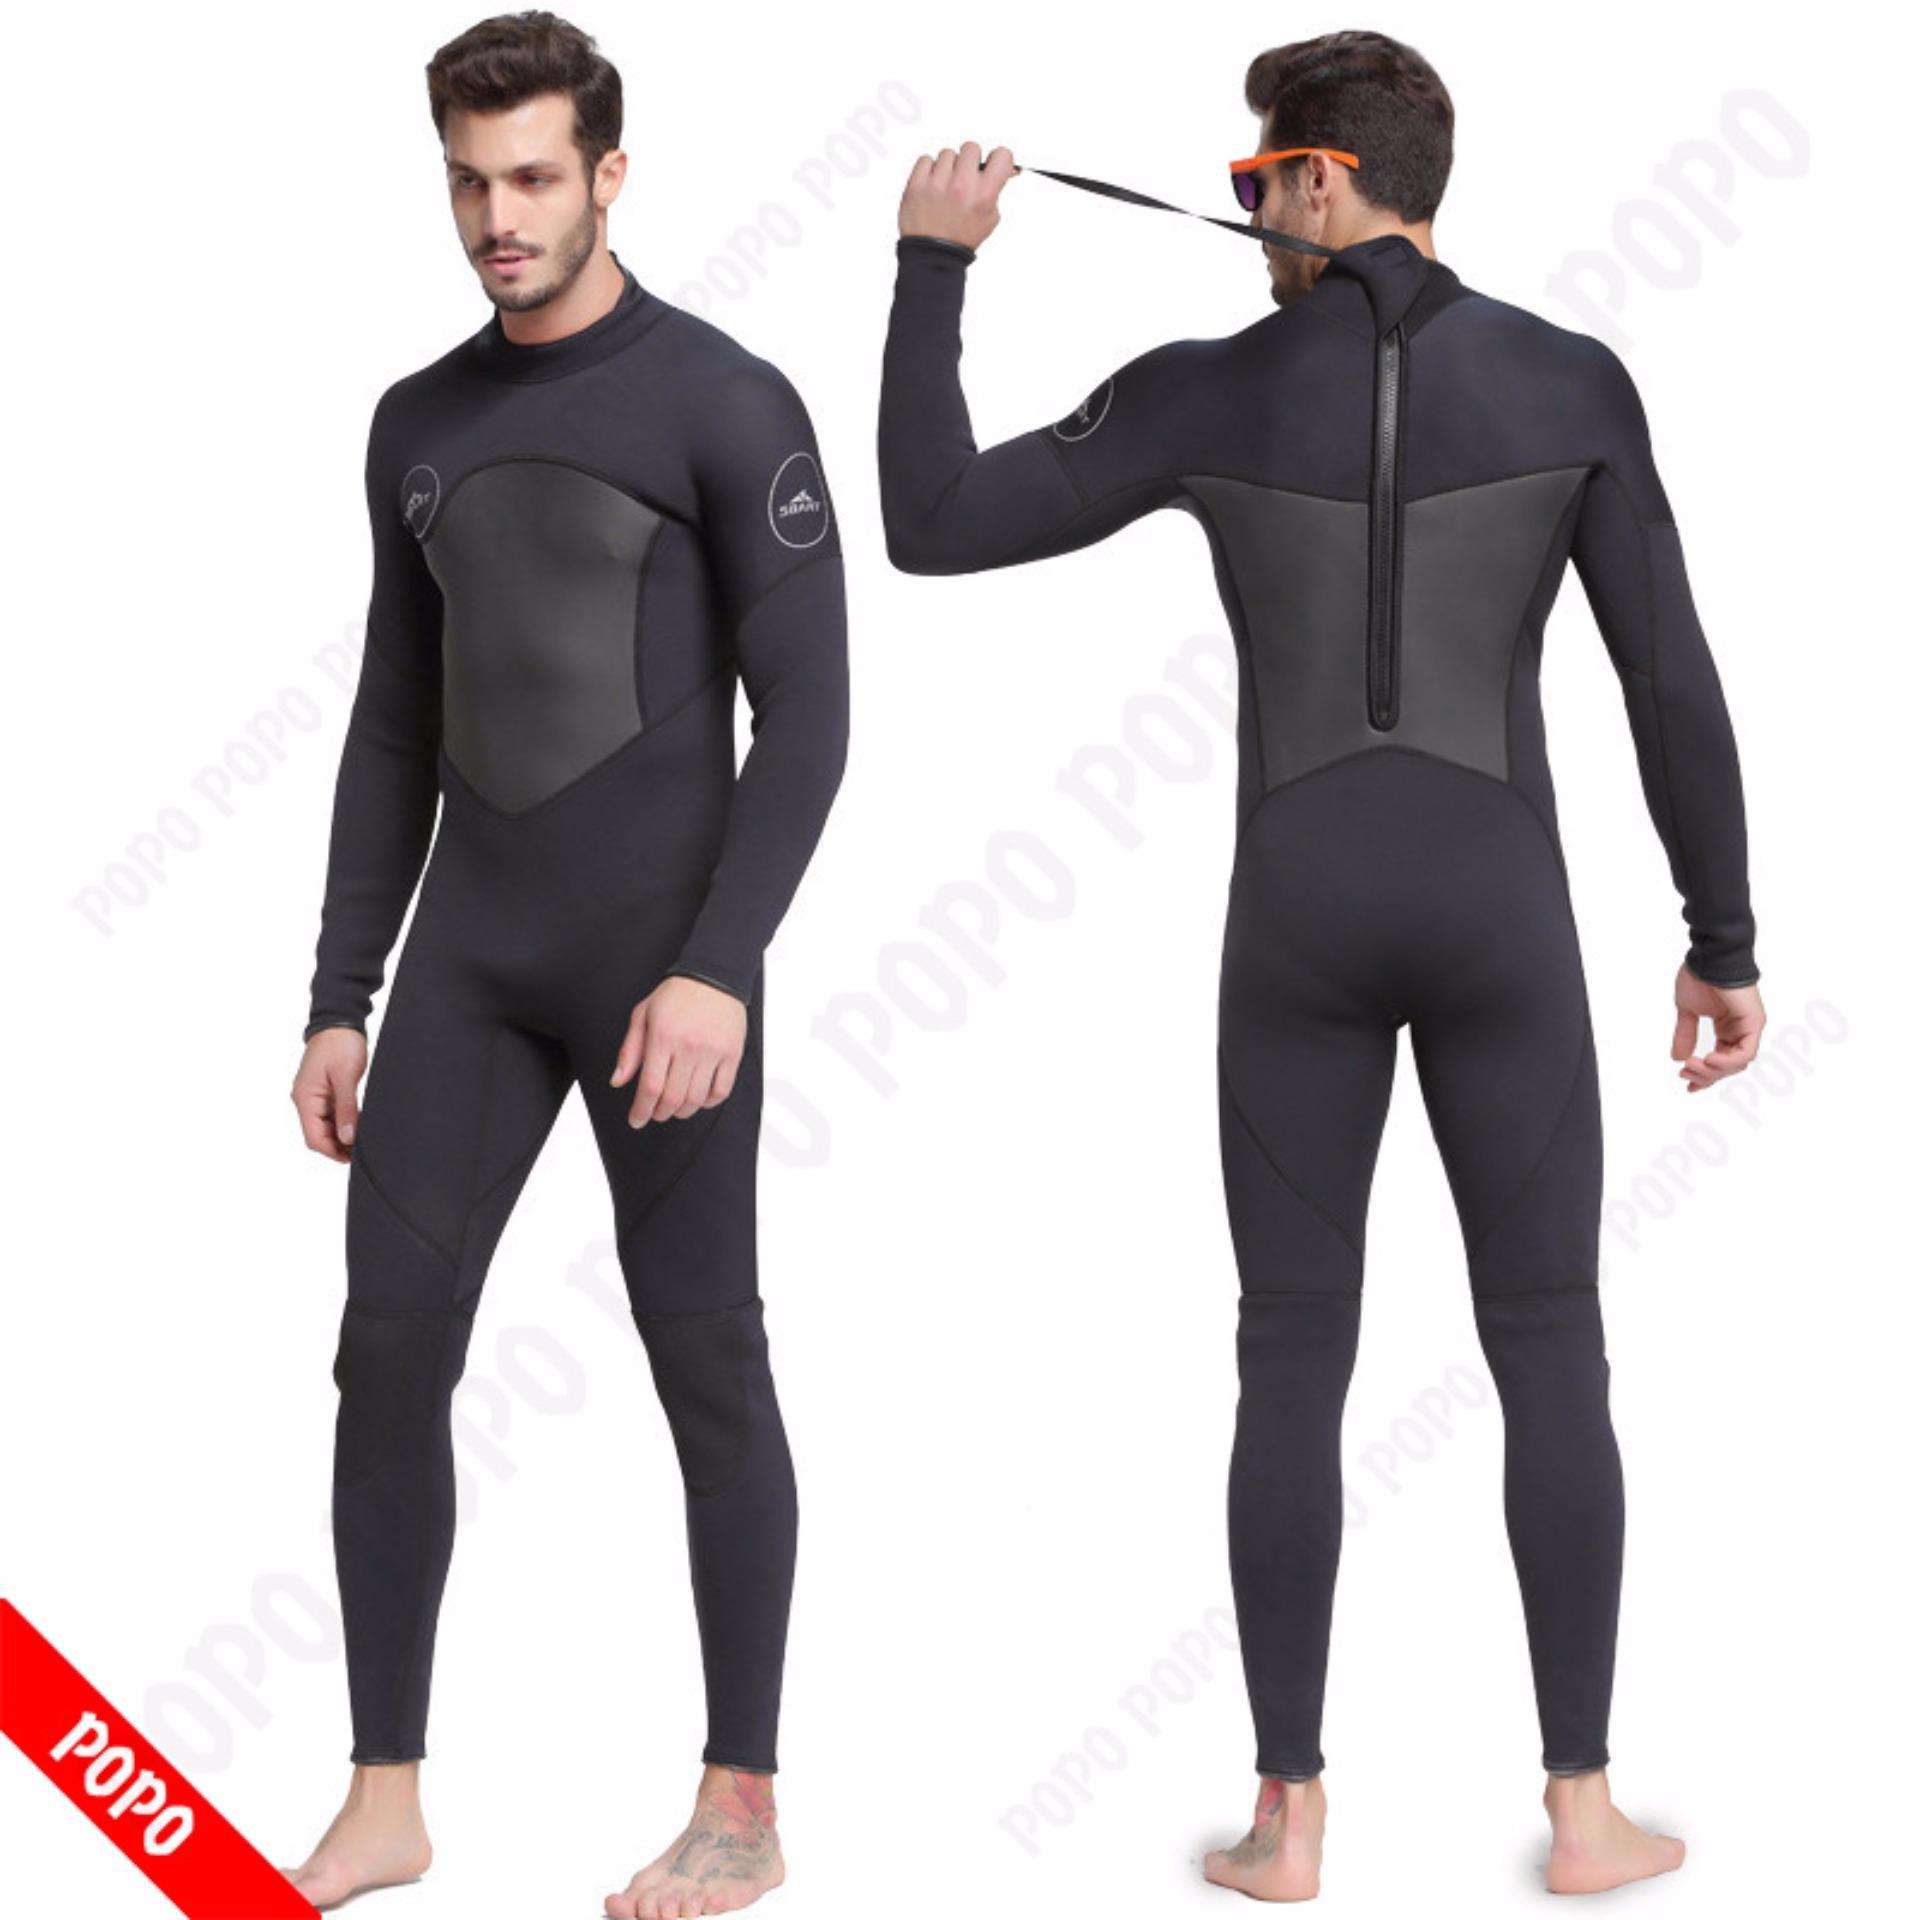 Bộ đồ lặn, quần áo lặn biển 3mm (BLACK) giữ ấm, thoáng khí, chống thầm nước cao cấp POPO Sports - 4